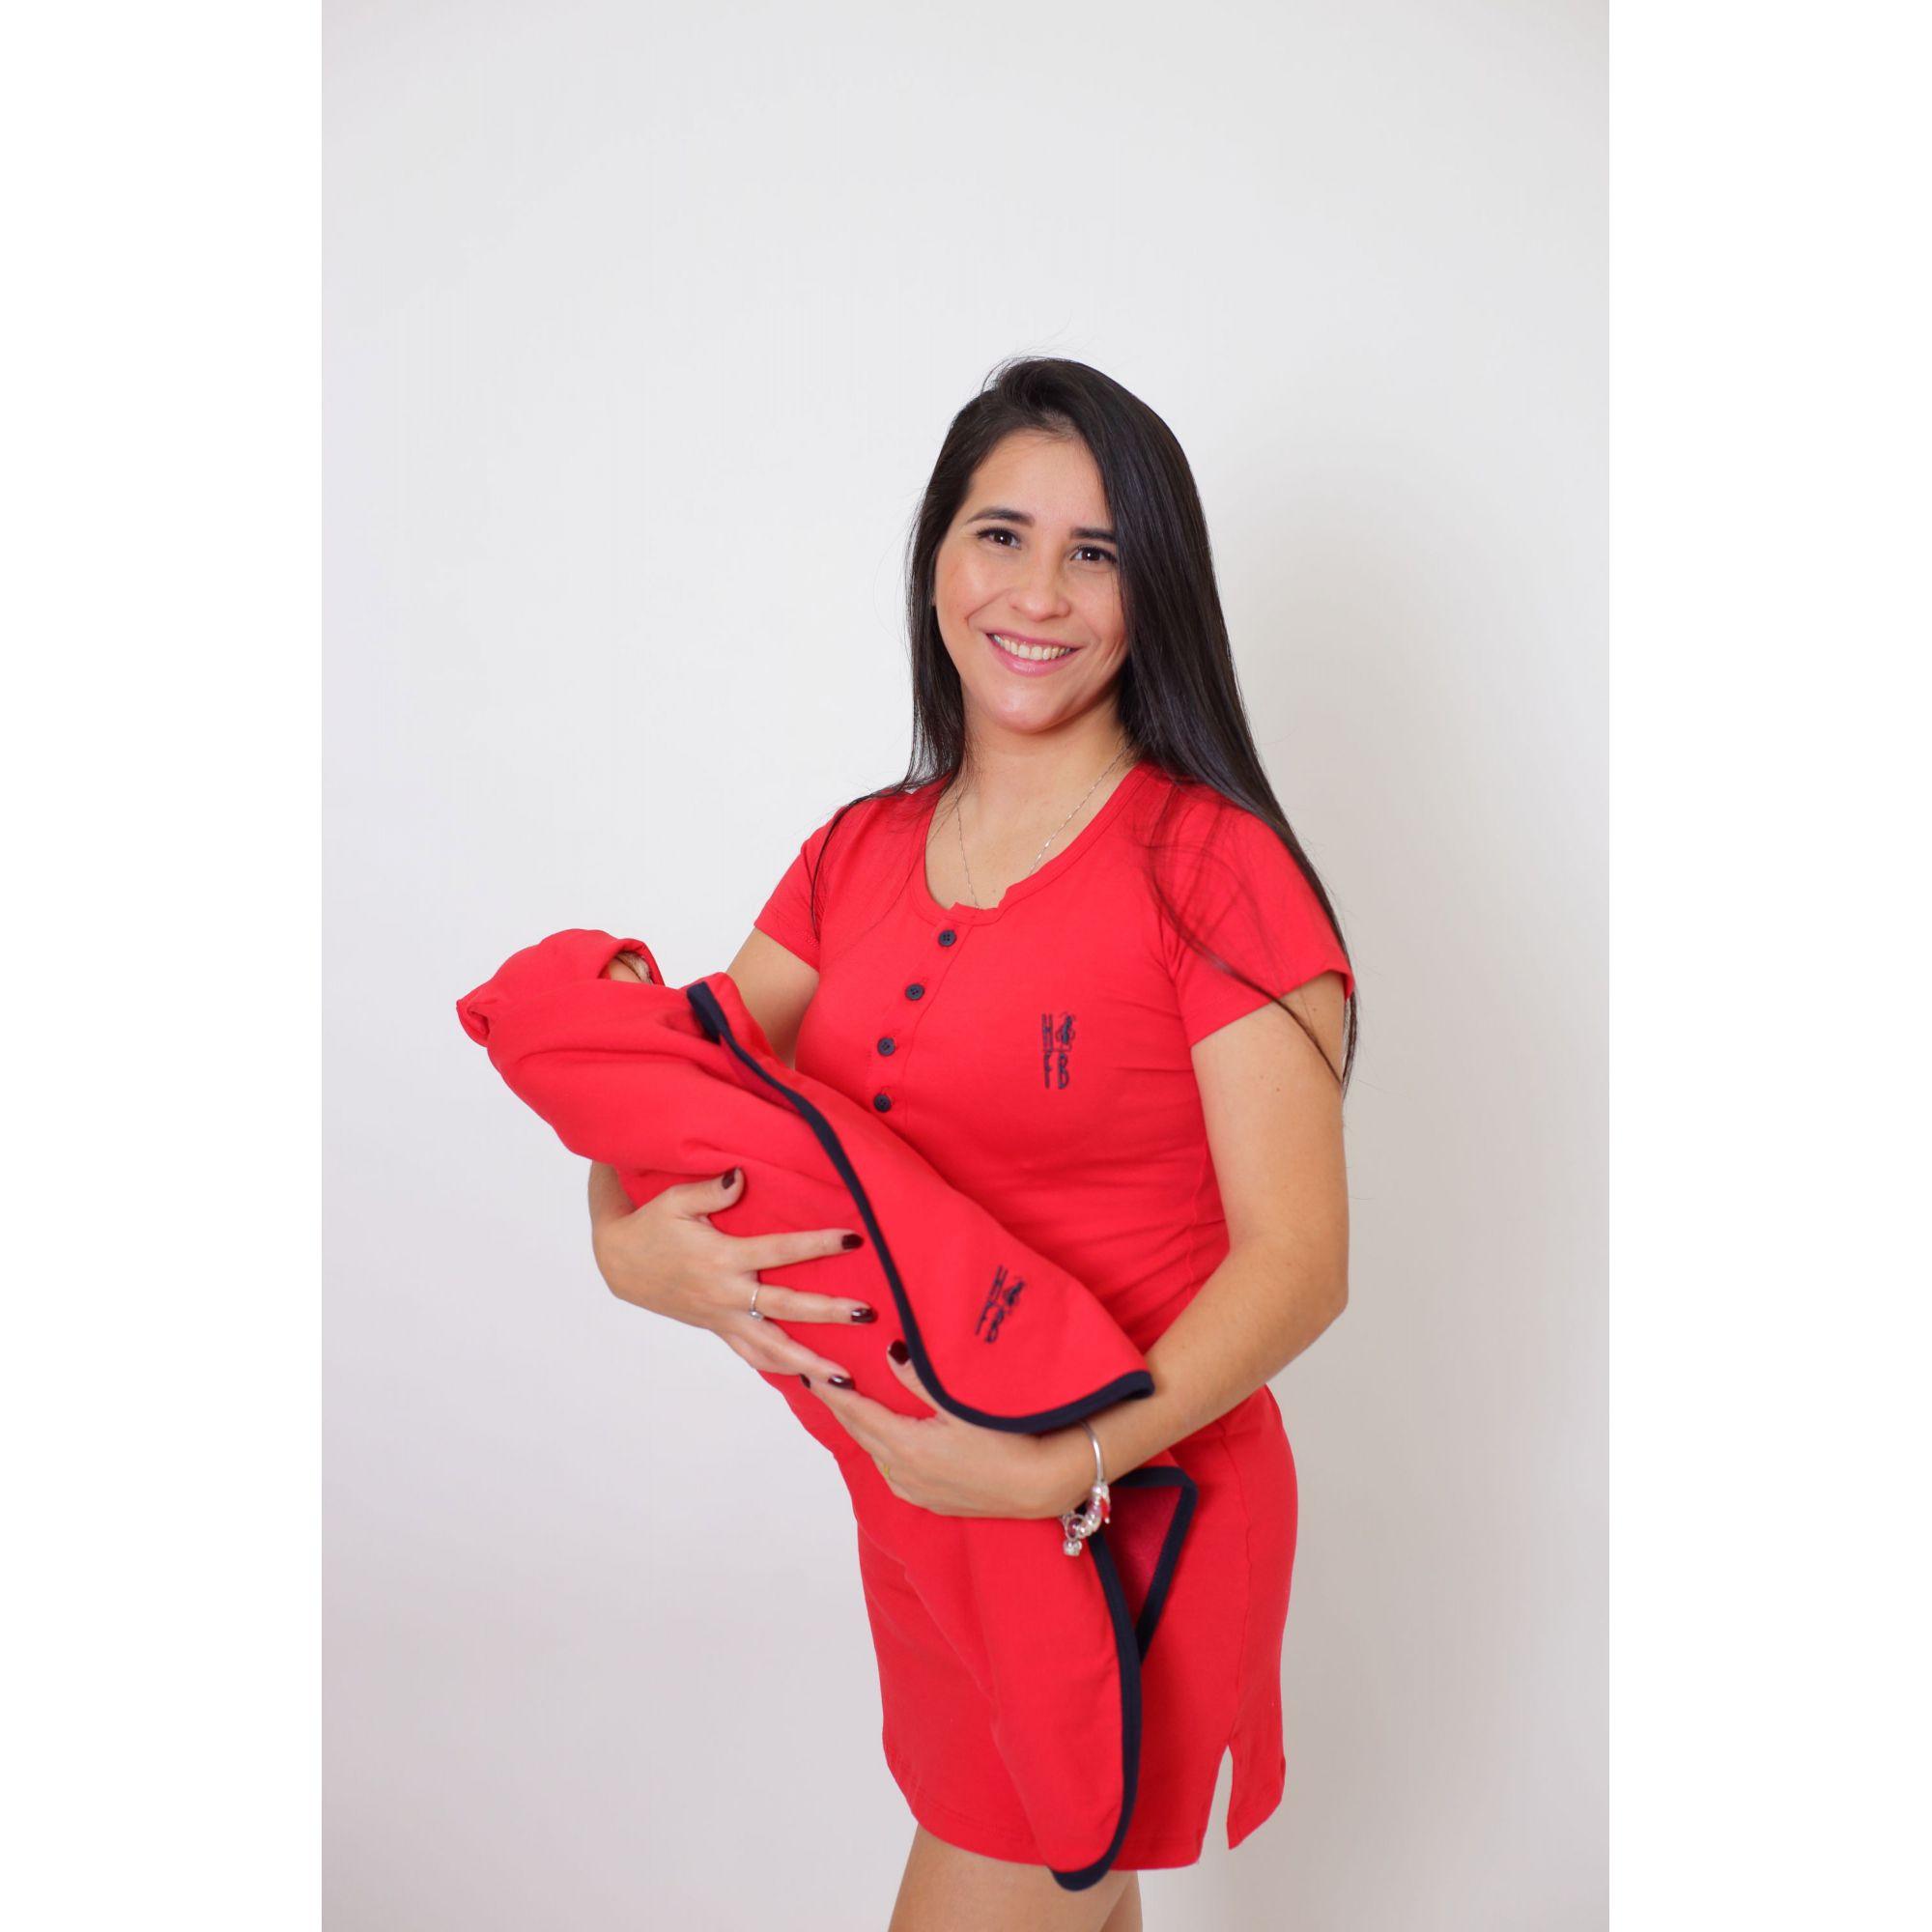 PAIS E FILHOS > Kit Saída de Maternidade 5 Peças - Vermelho [Coleção Família]  - Heitor Fashion Brazil